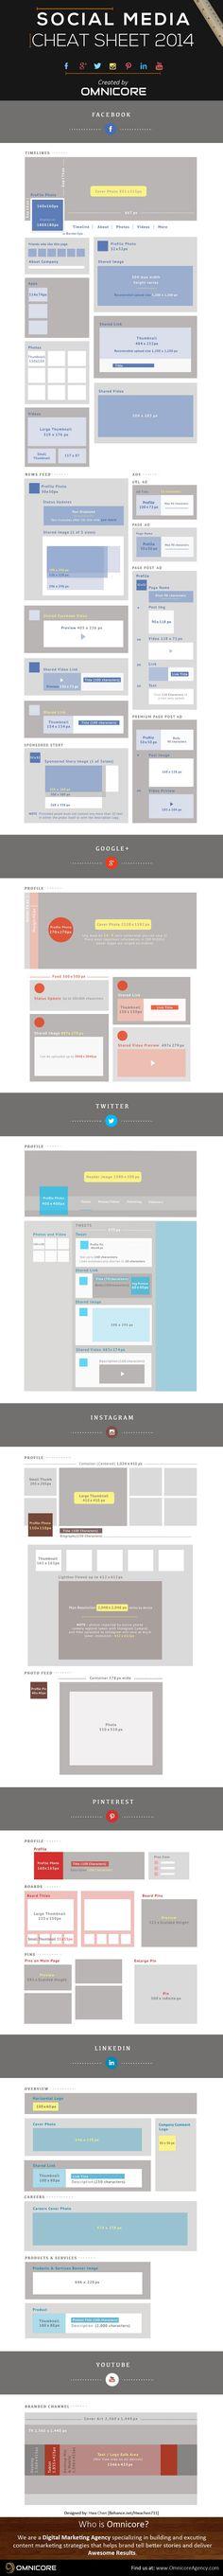 Social Media cheat sheet 2014 — Medium